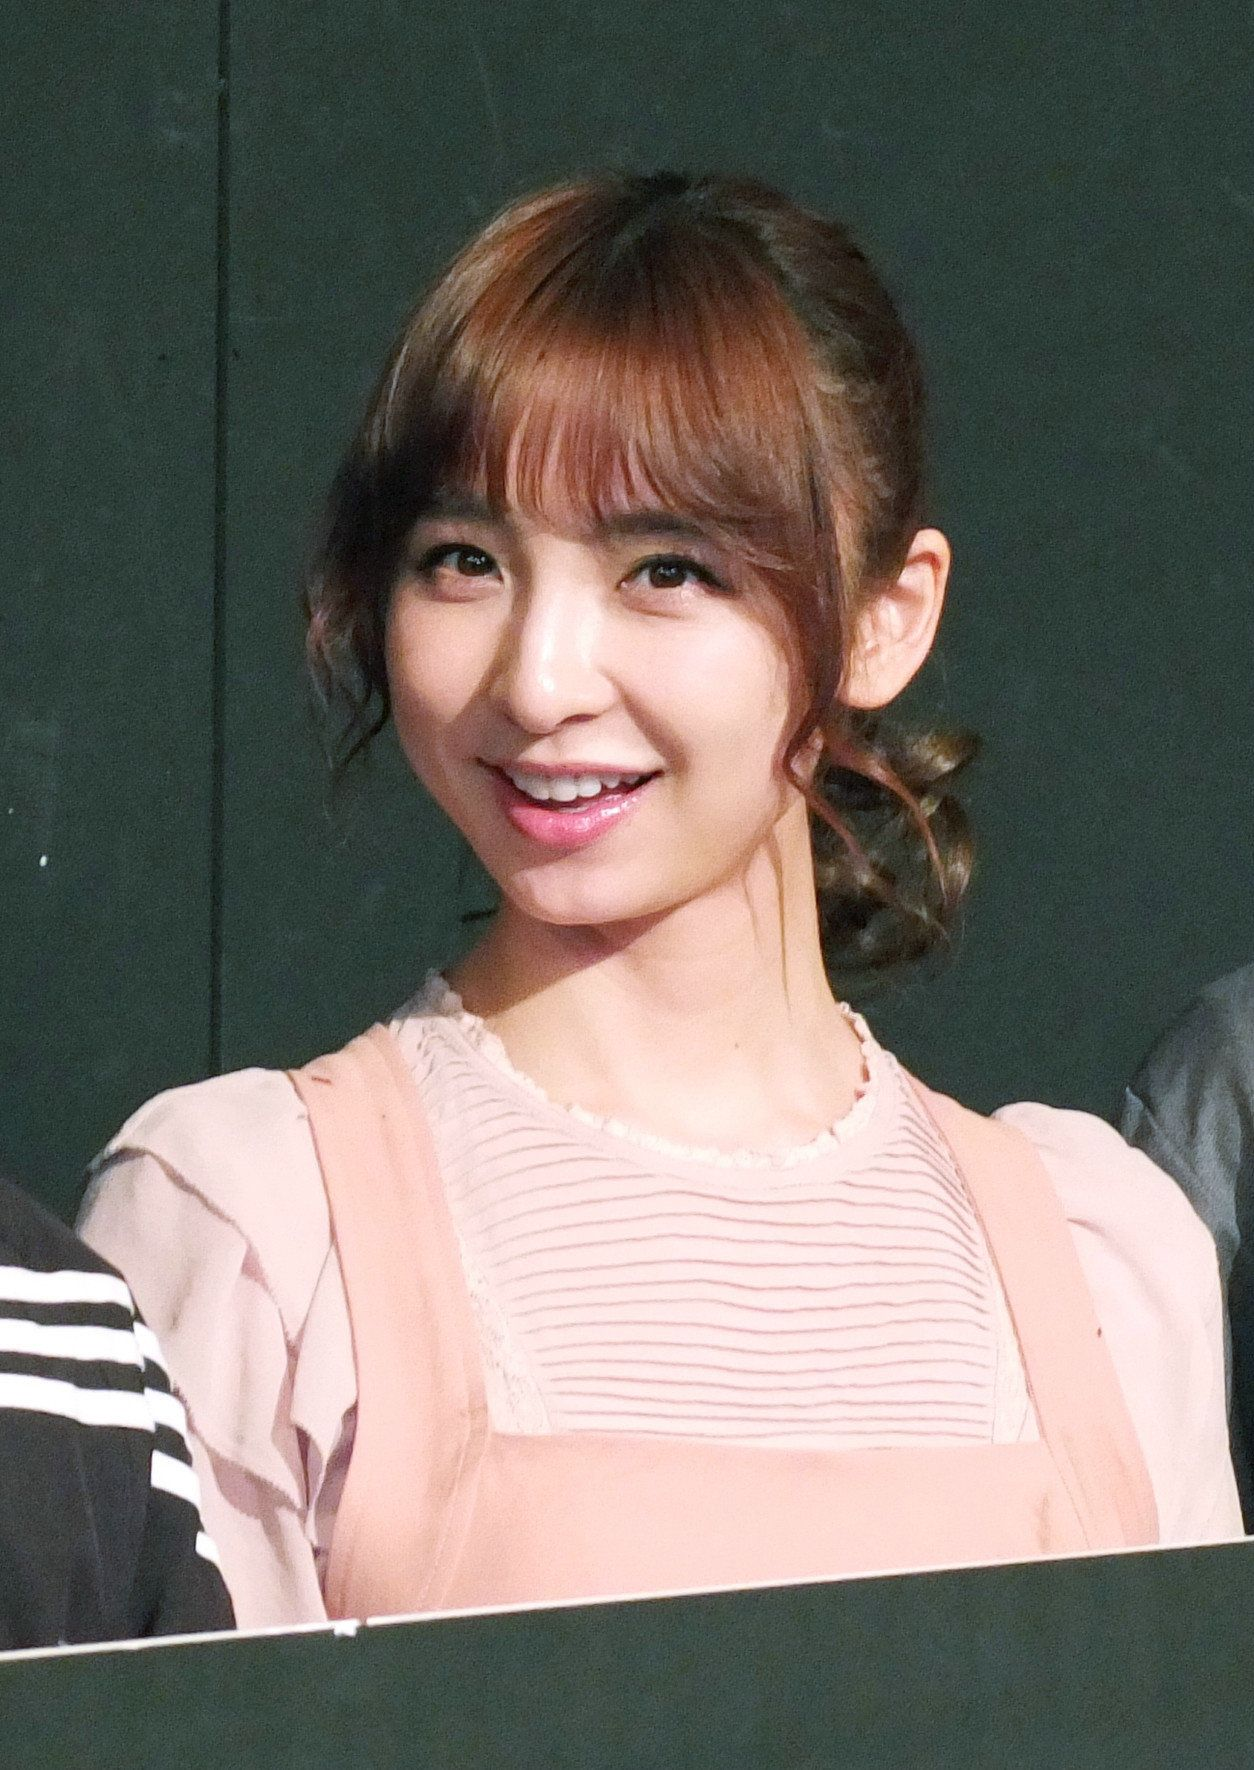 篠田麻里子が結婚、初デートでプロポーズされる。共通点は「玄米を食べて育った」(報告全文)